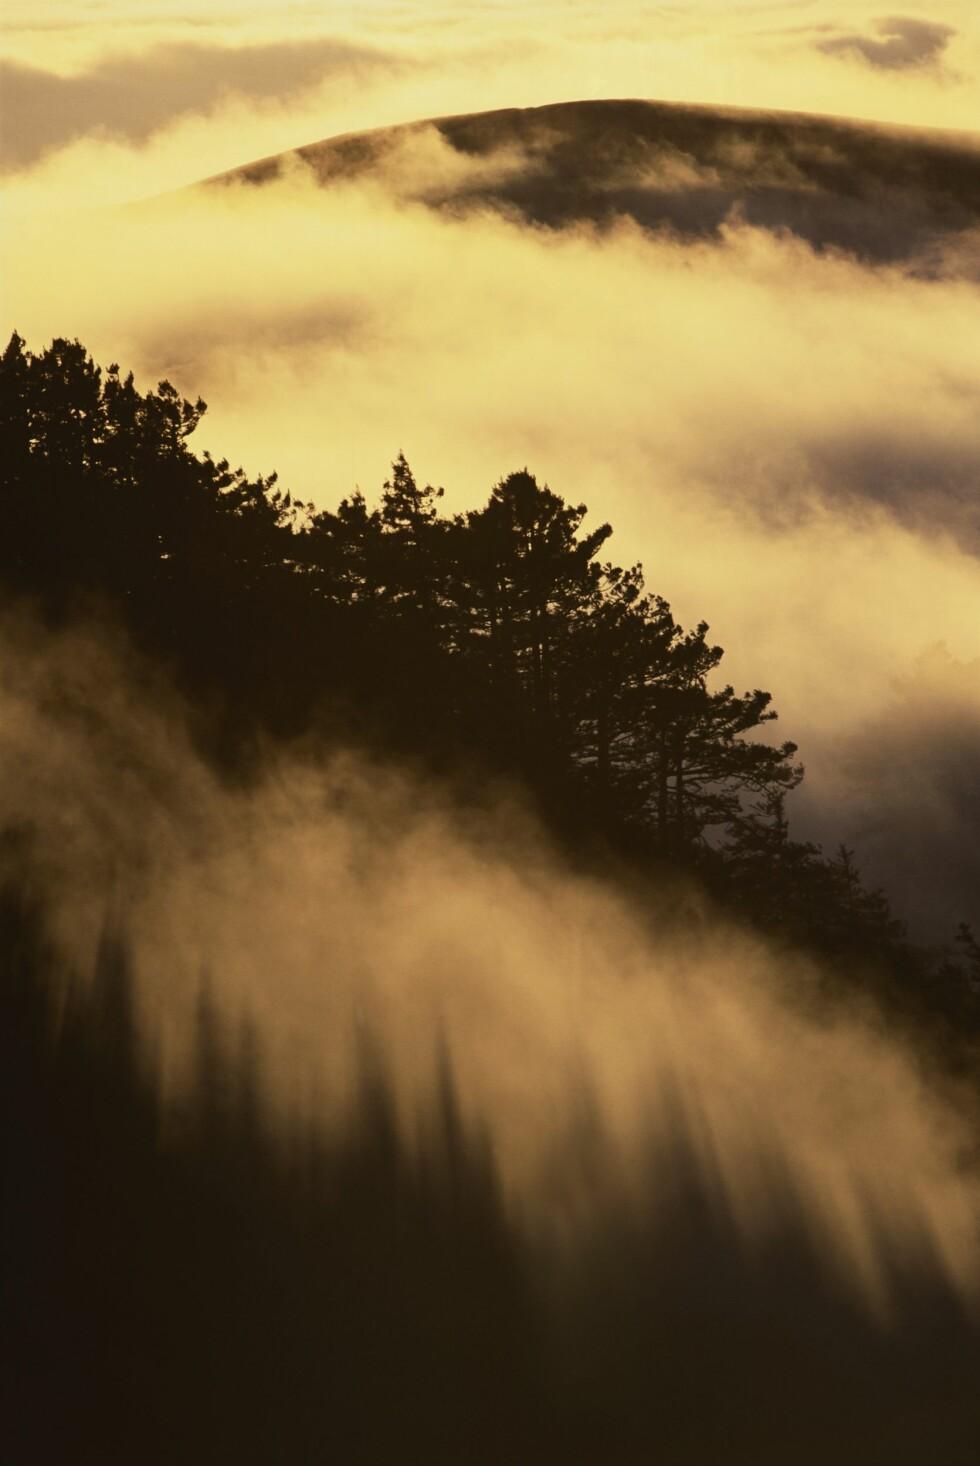 UNIK NATUR: I Big Sur kan man også finne de berømte Redwood-trærne. Foto: Mint Images/REX/All Over Press